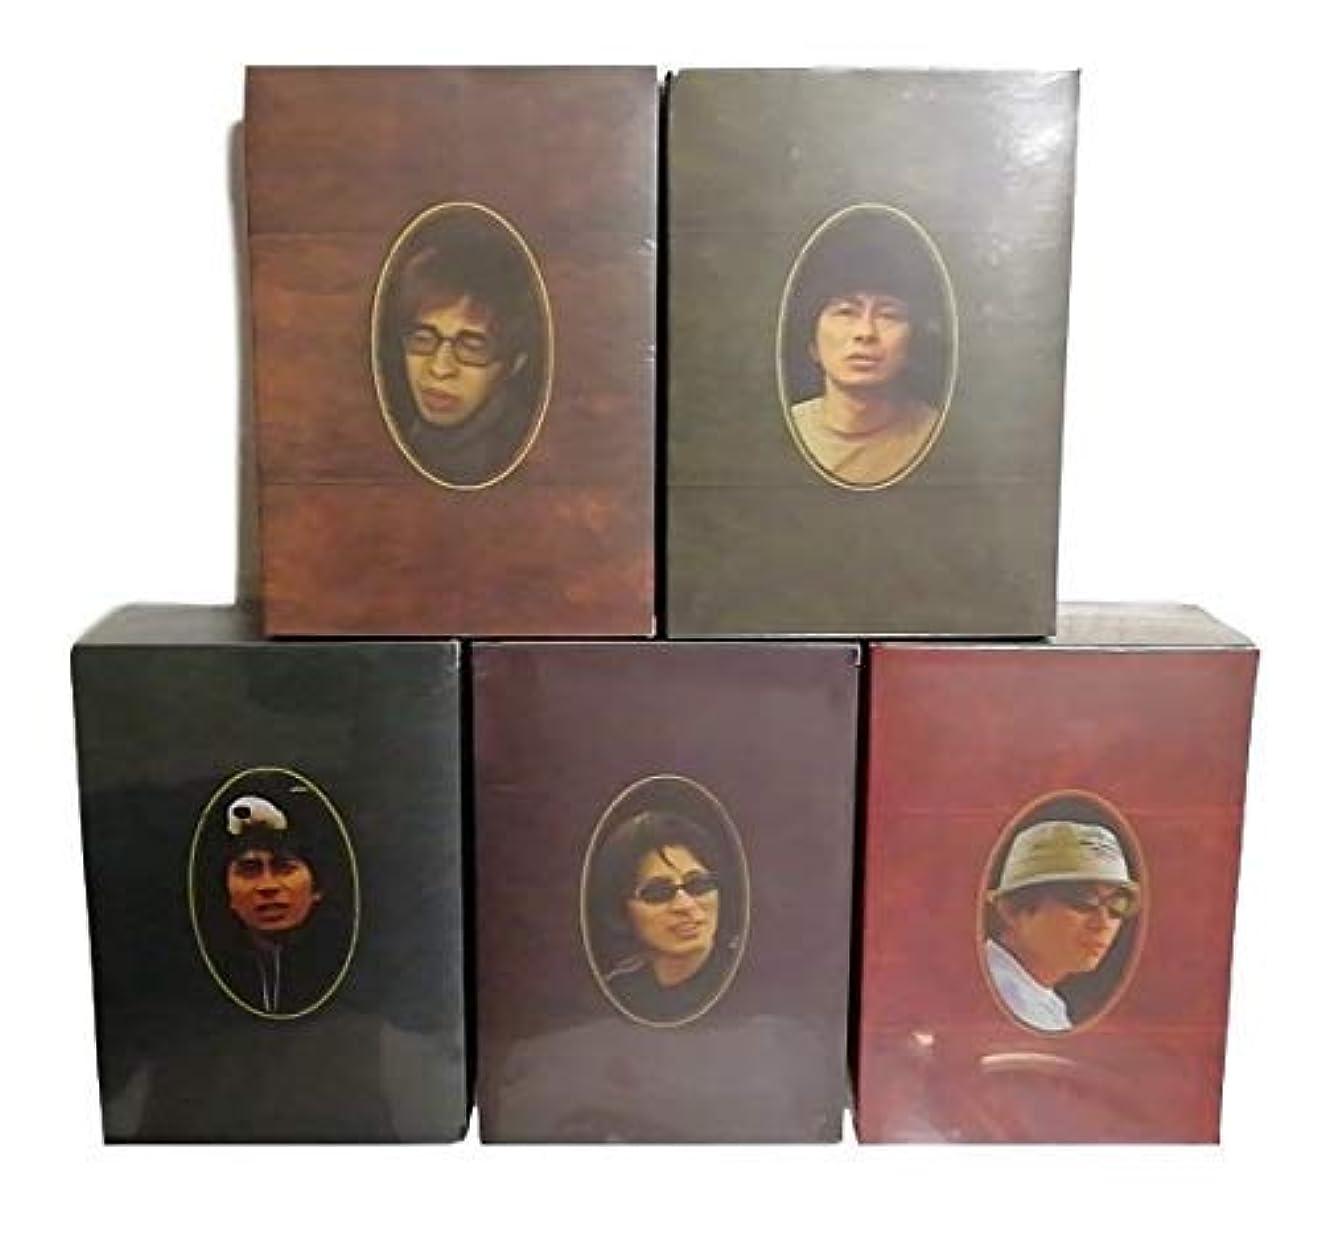 降雨受け皿ガソリン水曜どうでしょう DVD全集 コンプリートBOX Vol.1~5 BOX 48枚組